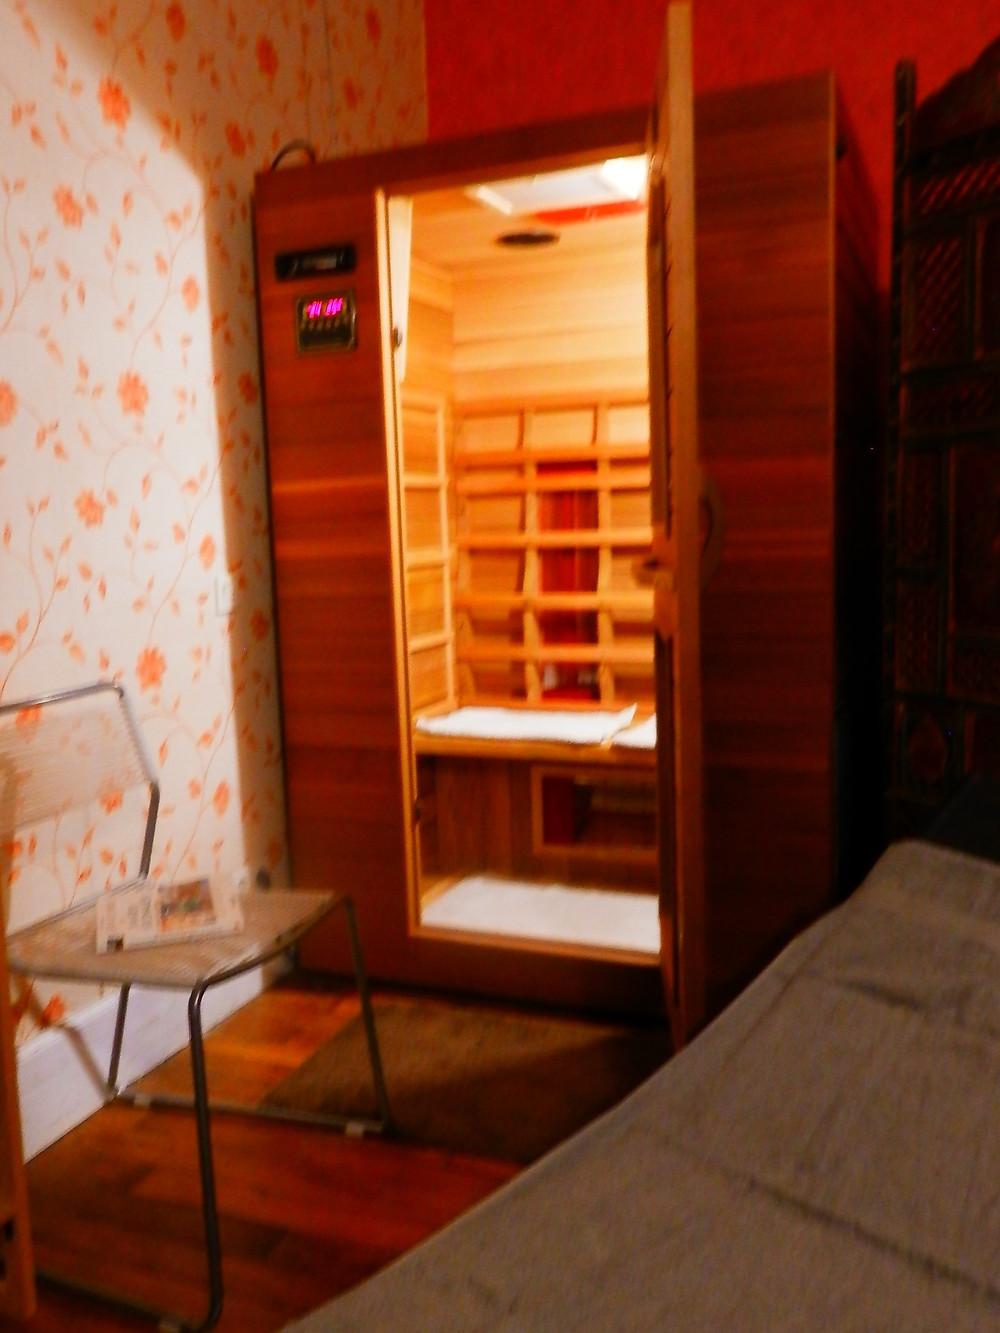 Séance sauna infrarouge chez Claire Le Bris Naturopathe